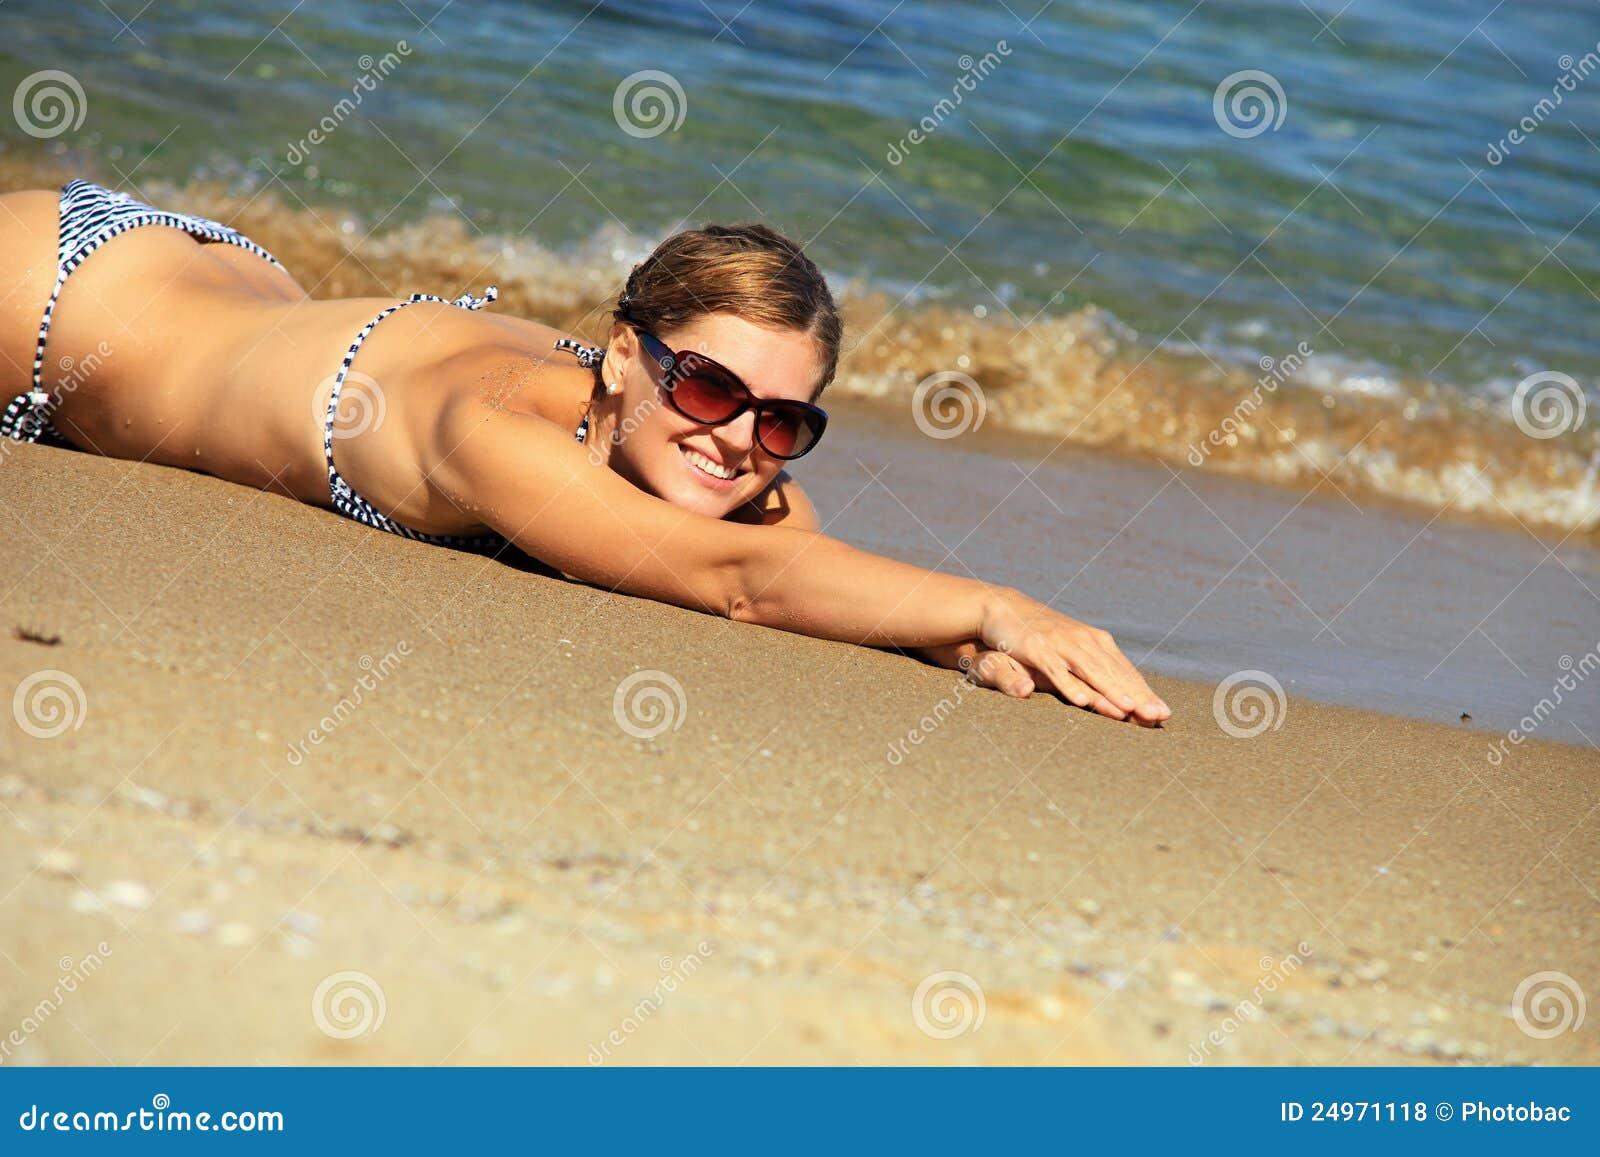 Жесть девушка пляж фото